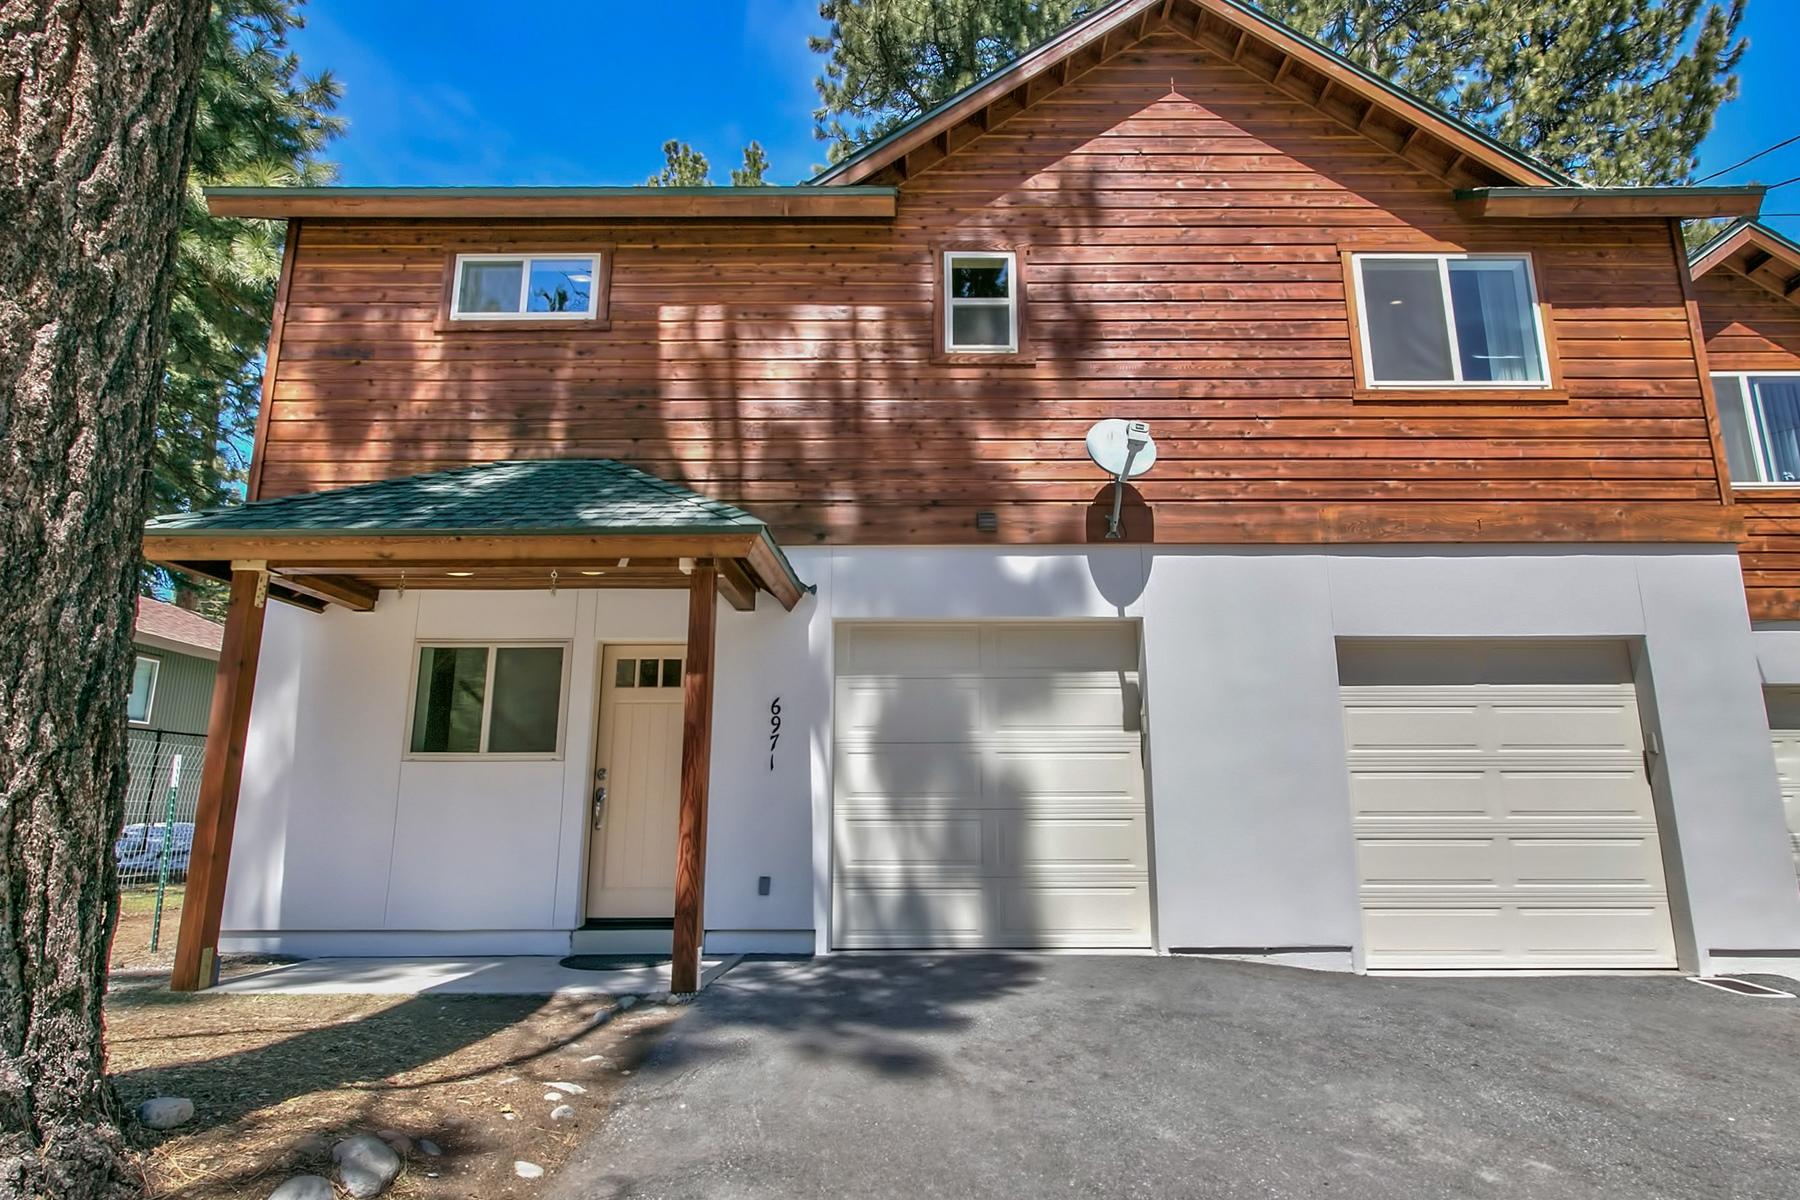 Maison unifamiliale pour l Vente à 6971 Toyon Road 6971 Toyon Road Tahoe Vista, Californie, 96148 Lake Tahoe, États-Unis